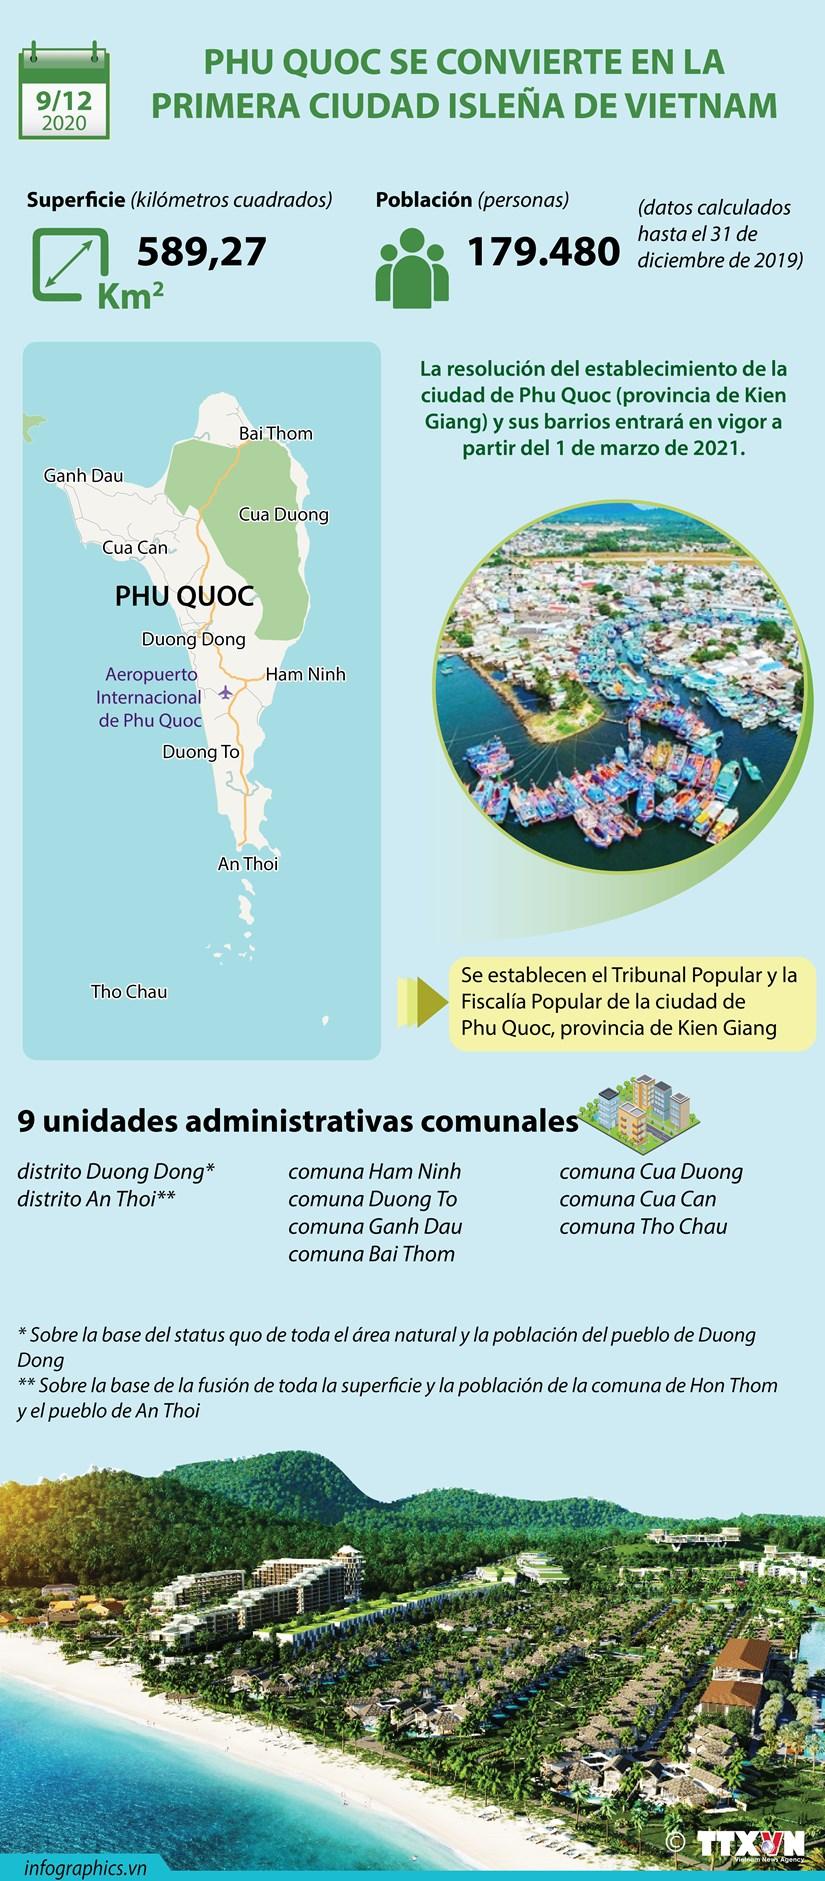 Phu Quoc se convierte en la primera ciudad islena de Vietnam hinh anh 1